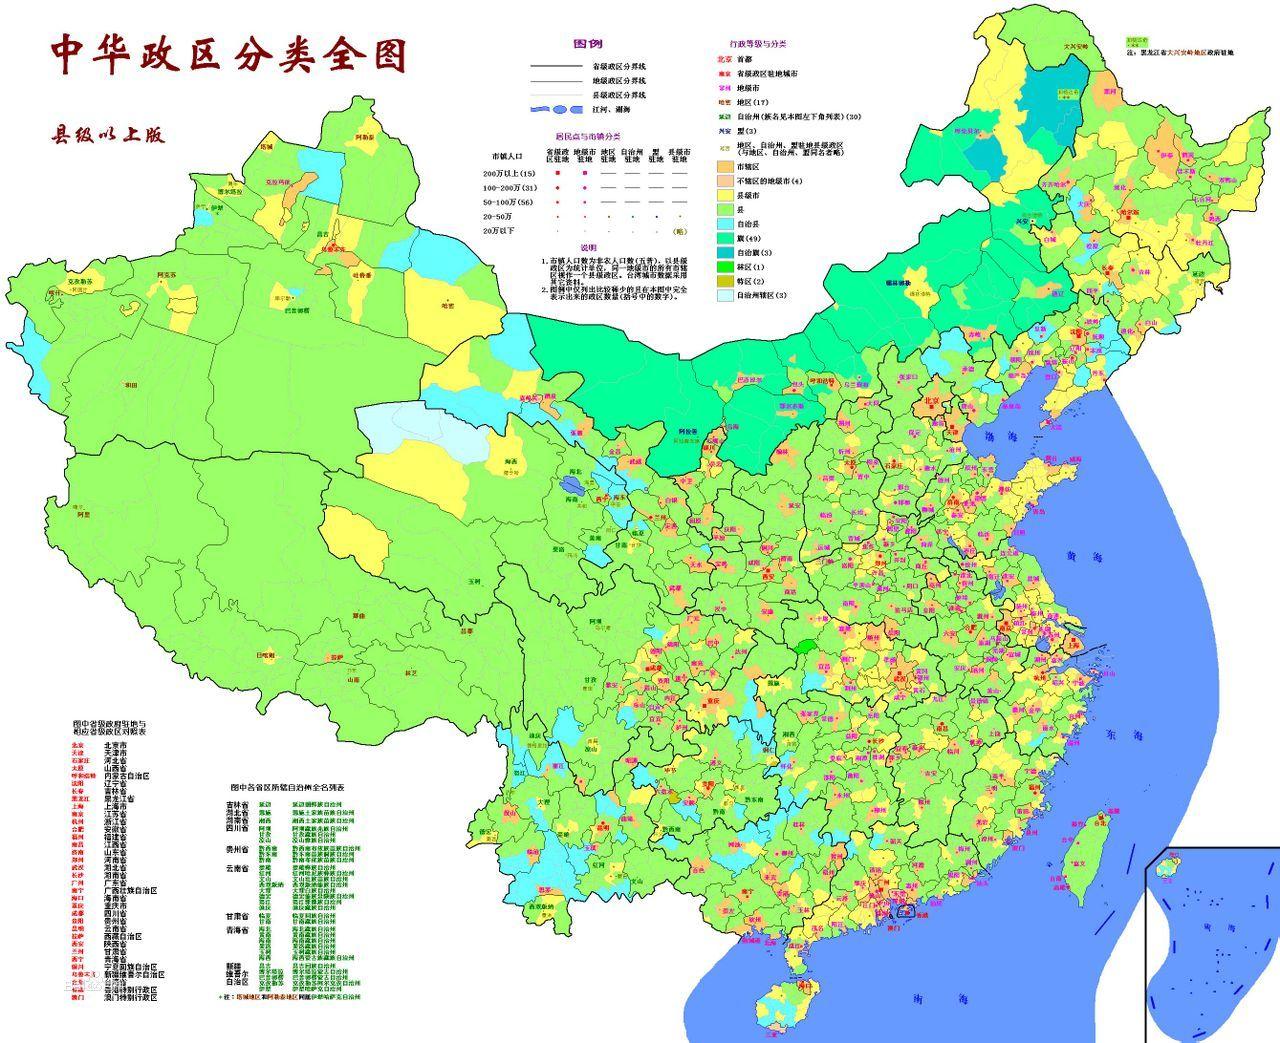 区划地�_中华人民共和国行政区划统计表(2011年)    省级 地级 县级 乡级 区划